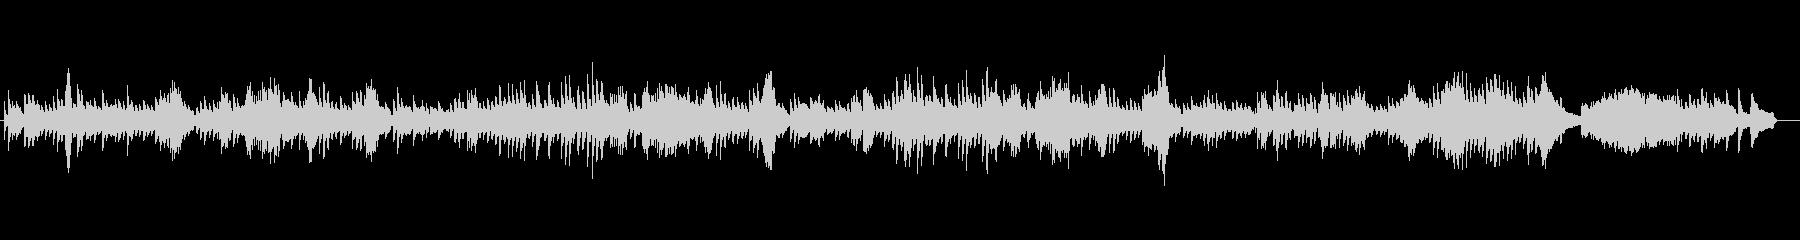 ショパン ノクターン ピアノの未再生の波形